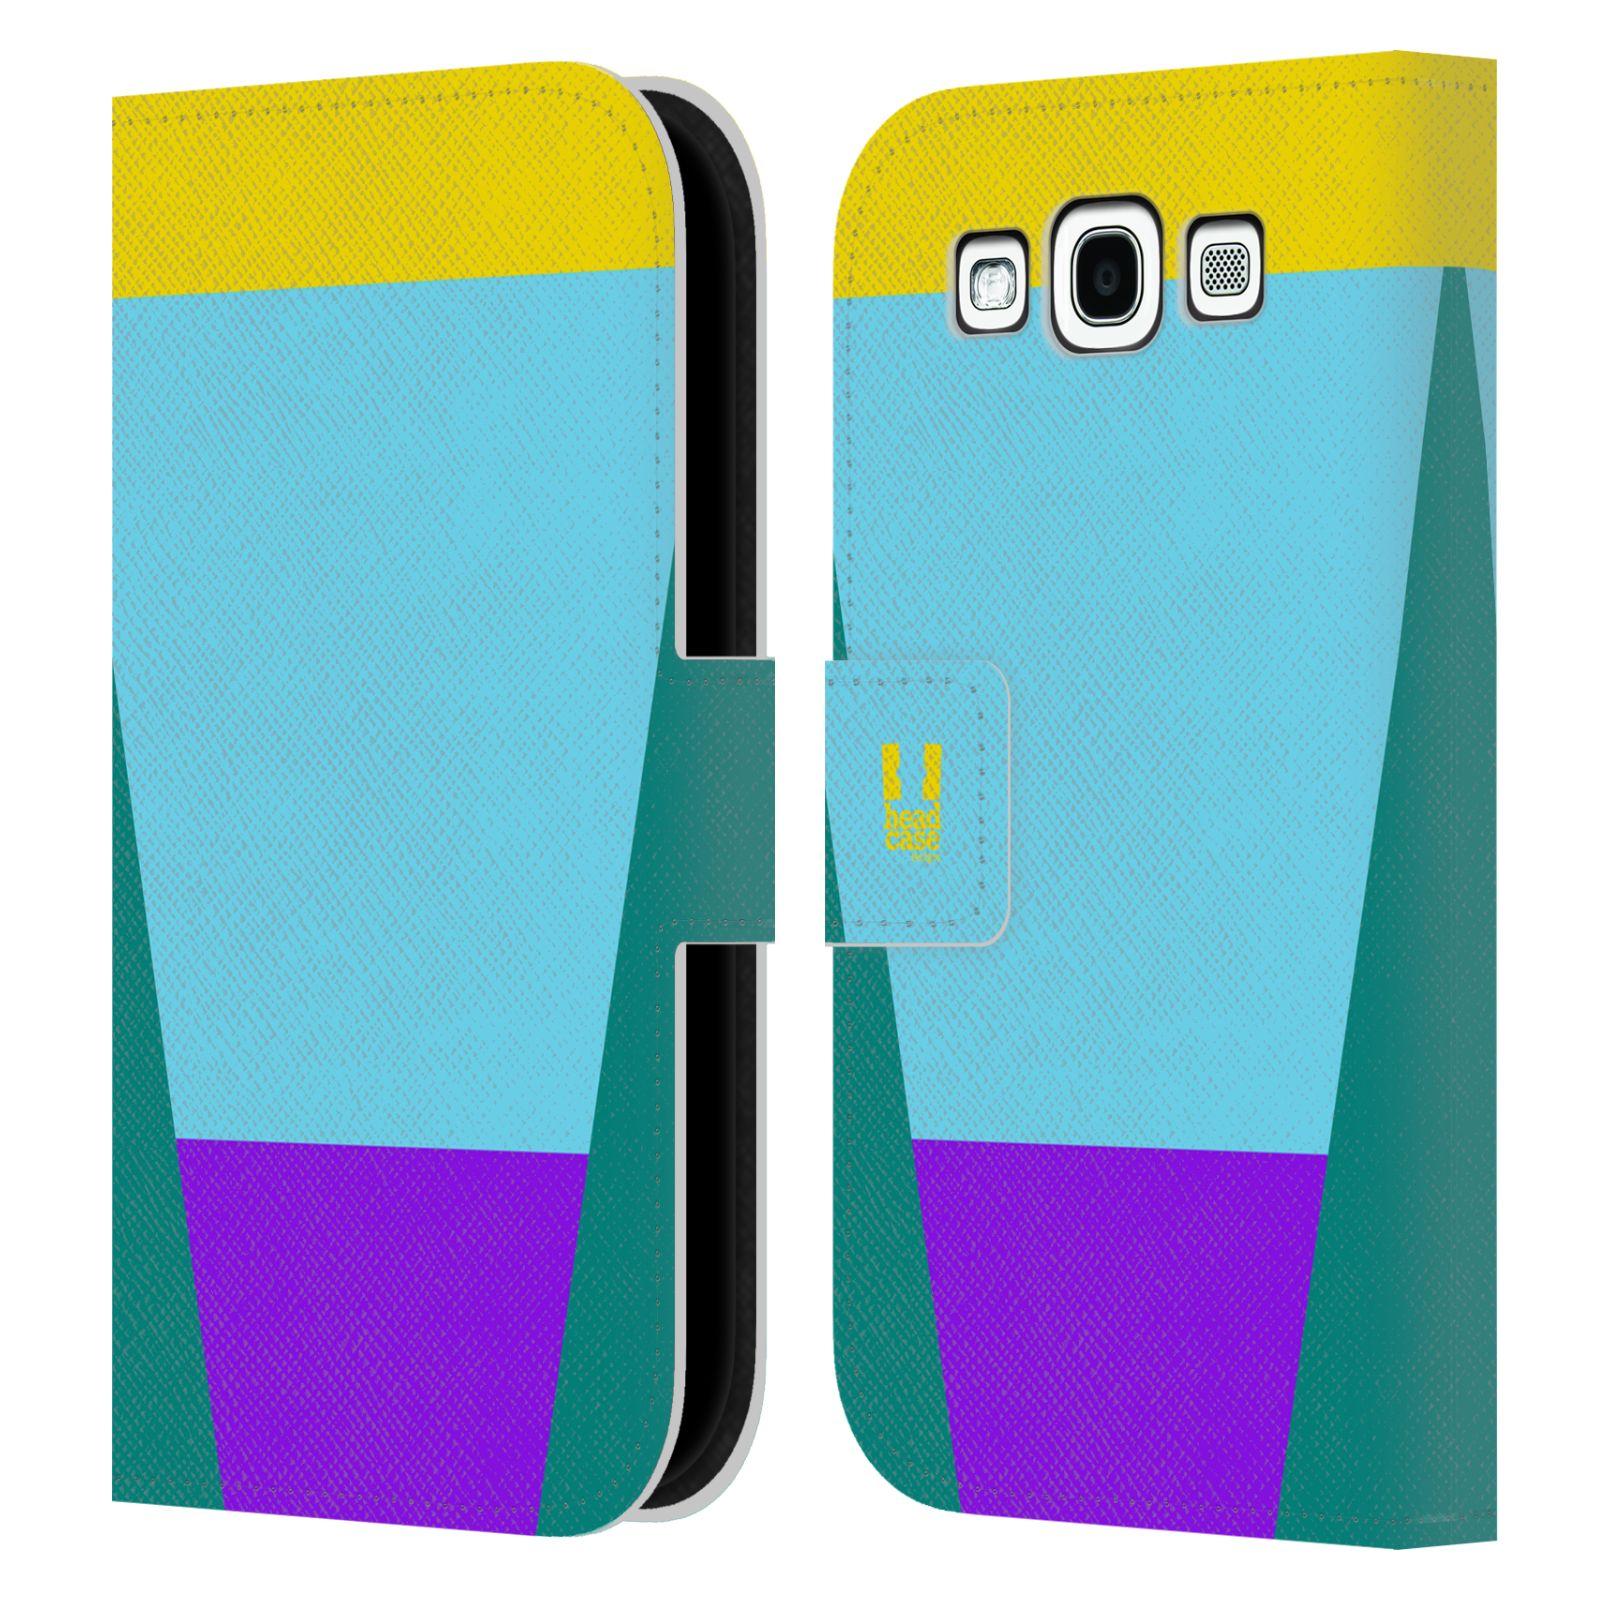 HEAD CASE Flipové pouzdro pro mobil Samsung Galaxy S3 I9300 barevné tvary nebesky modrá